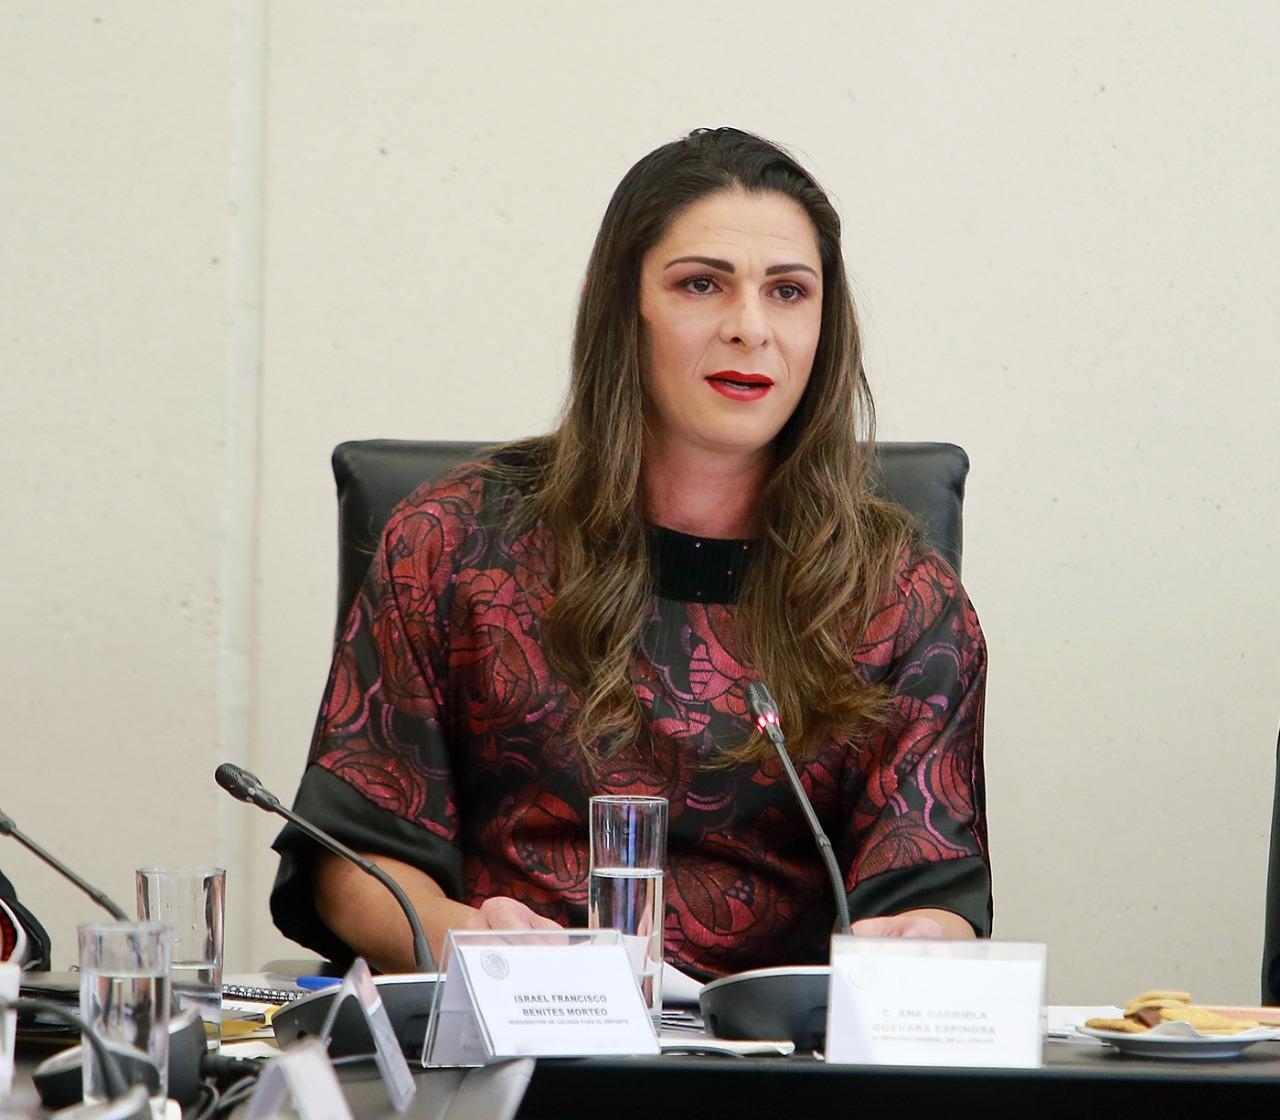 Se reúne Ana Gabriela Guevara con la Comisión de Juventud y Deporte del Senado de la República